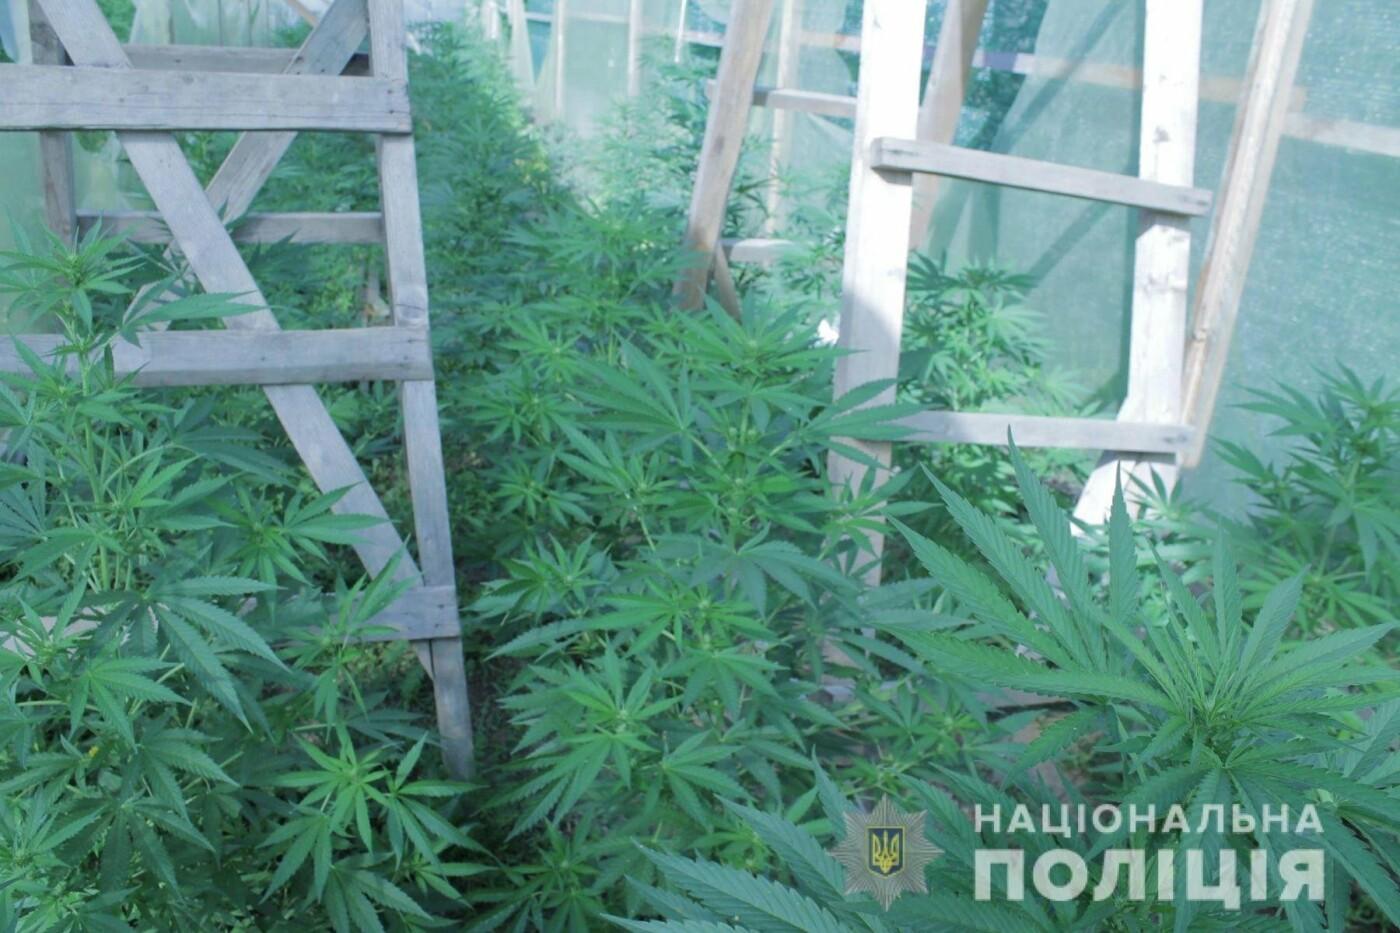 Плантація на 10 мільйонів гривень: на Закарпатті поліція виявила теплиці з марихуаною (ОПЕРАТИВНЕ ВІДЕО, ФОТО), фото-3